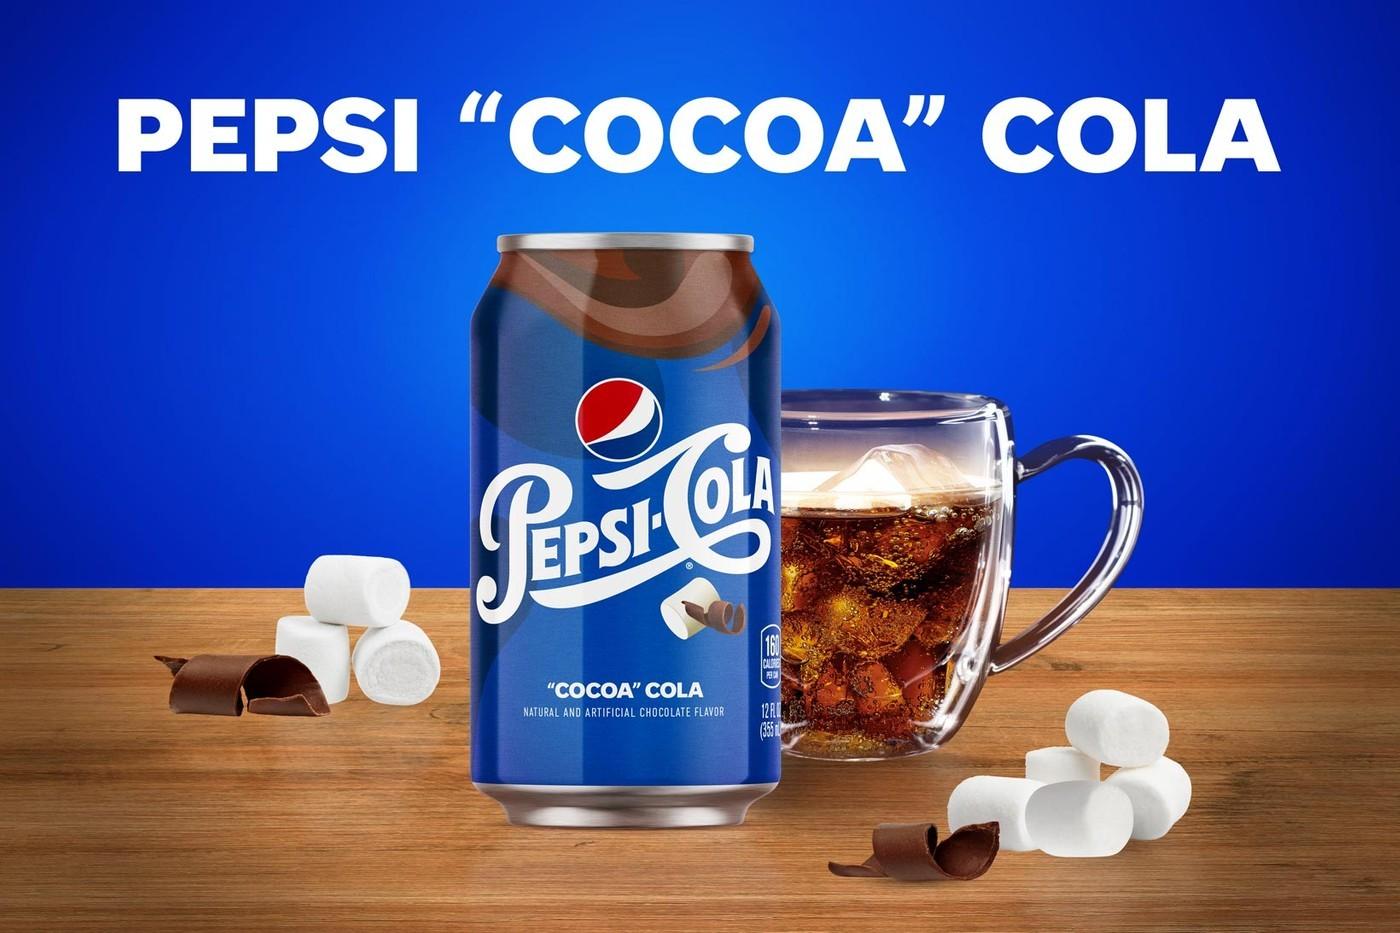 Pepsi Cocoa